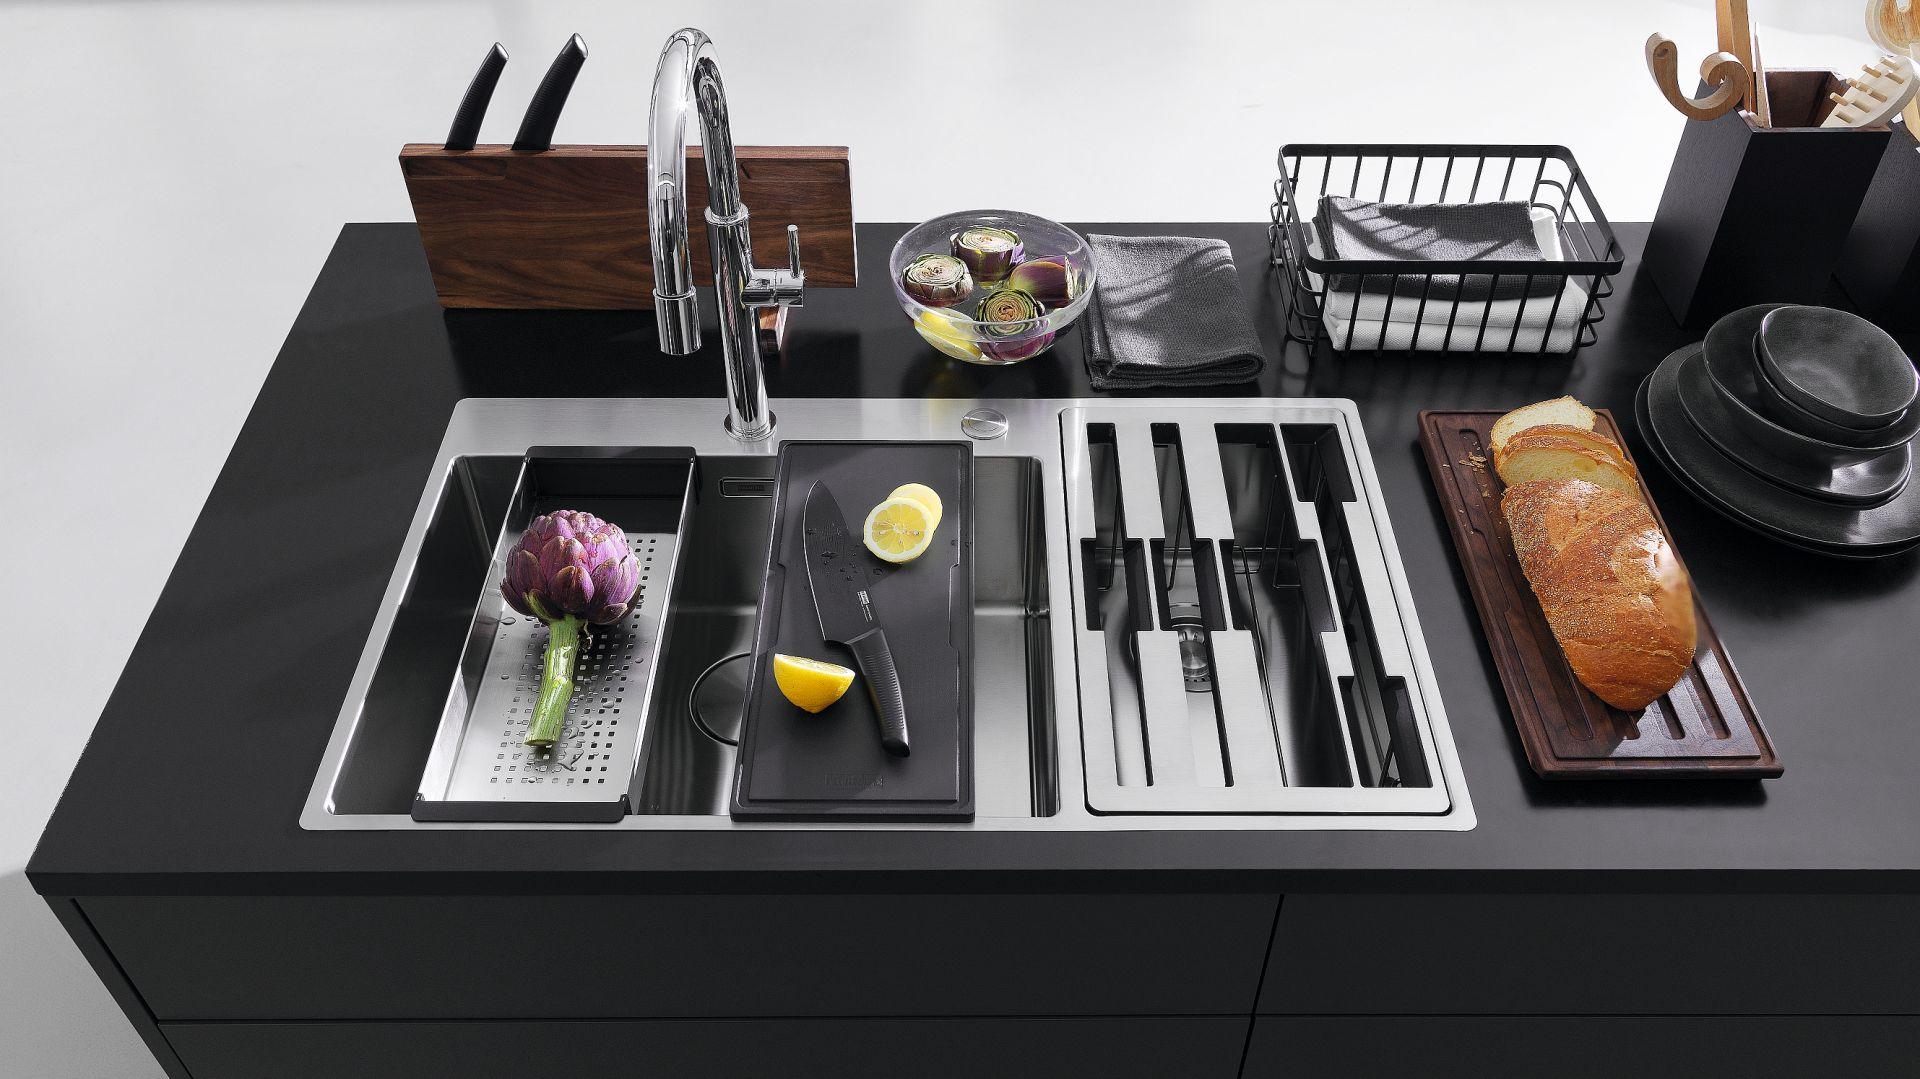 Center Box – łączy w jedną całość zlewozmywak i miejsce do przechowywania akcesoriów. W eleganckim przyborniku mieści się: zestaw trzech noży kuchennych, dwie deski do krojenia oraz wkładka ociekowa ze stali szlachetnej. Fot. Franke